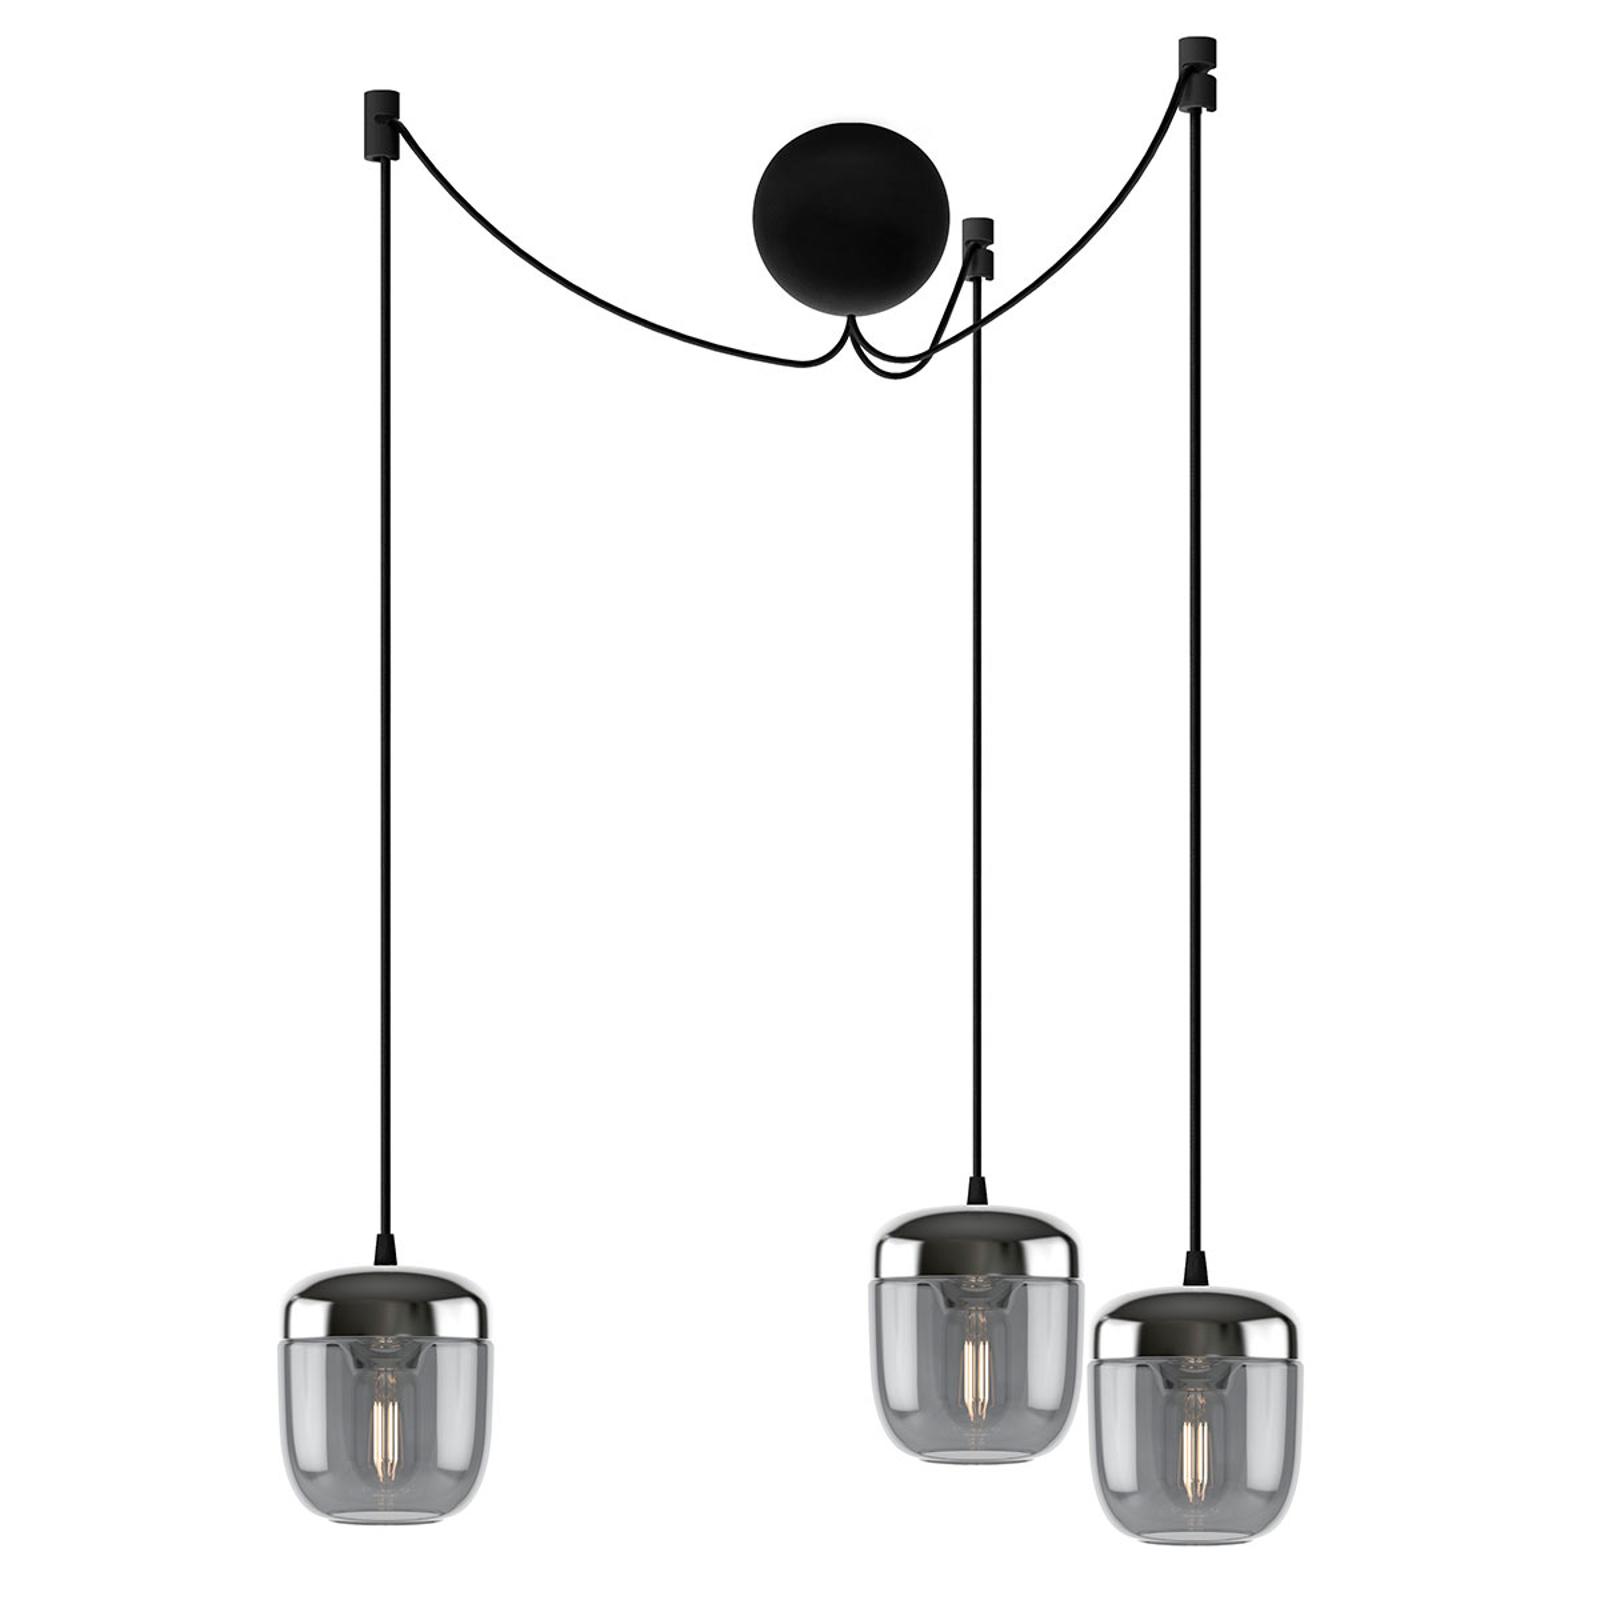 Acquista UMAGE Acorn sospensione 3 luci, acciaio e grigio